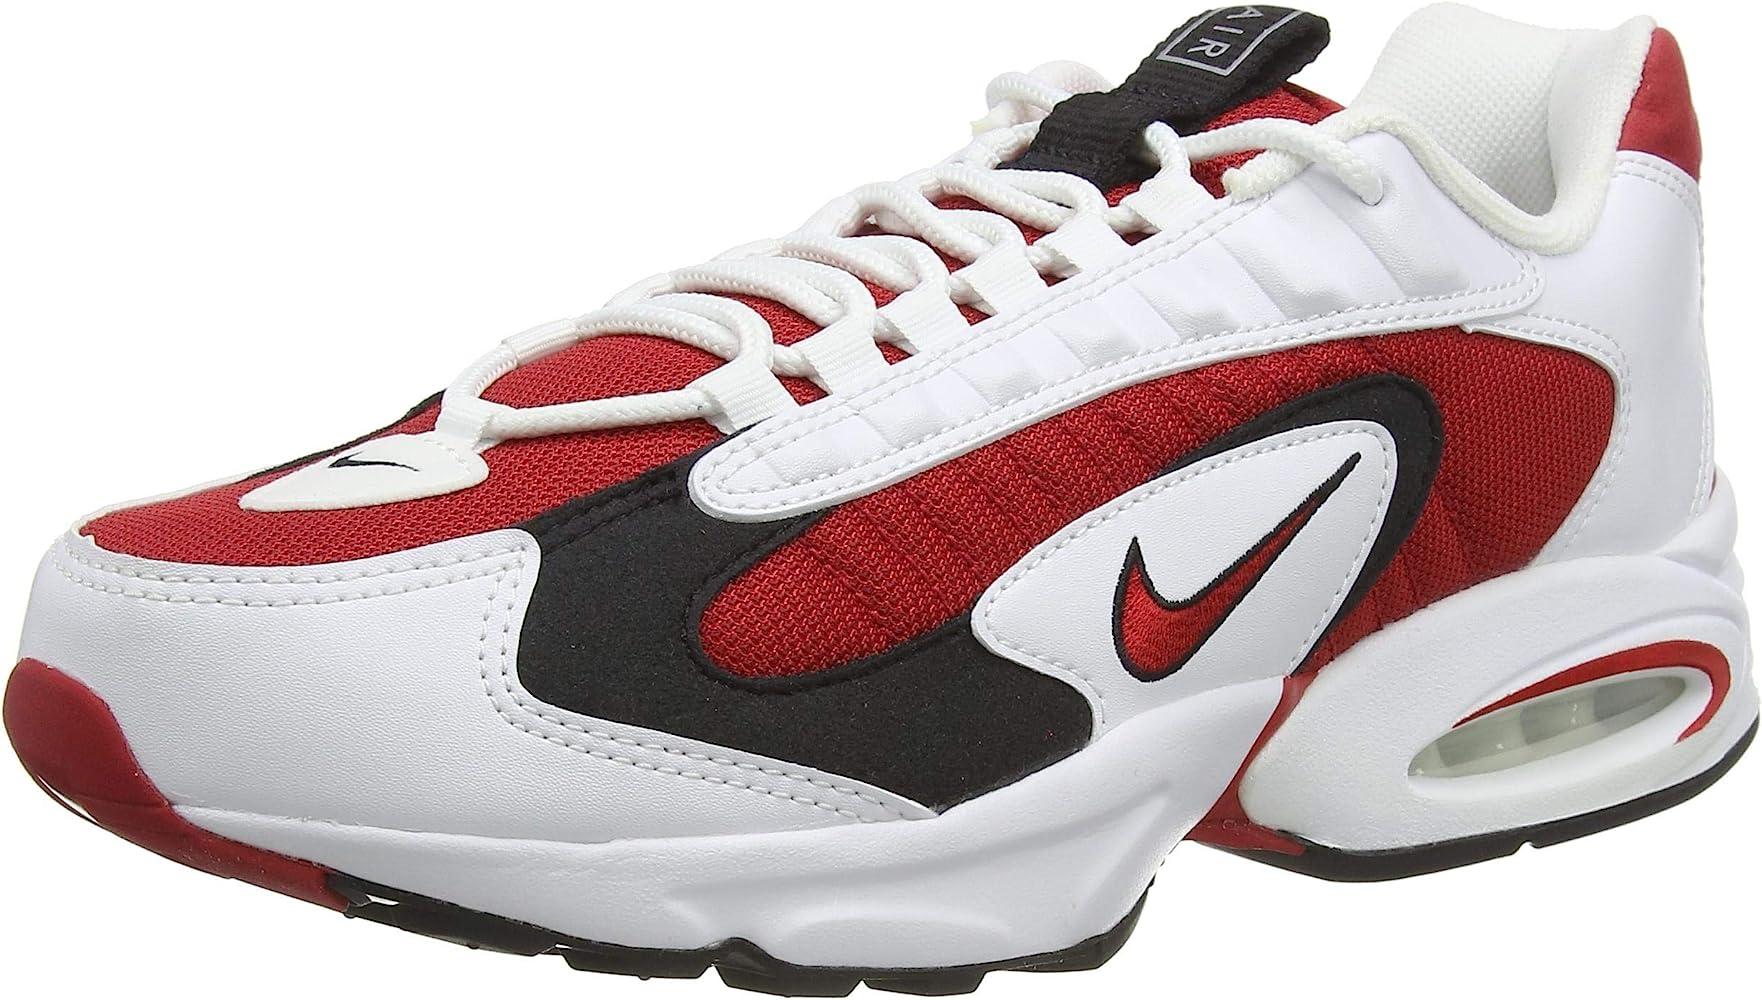 Nike Air MAX Triax, Zapatillas para Correr para Hombre, White/Gym ...